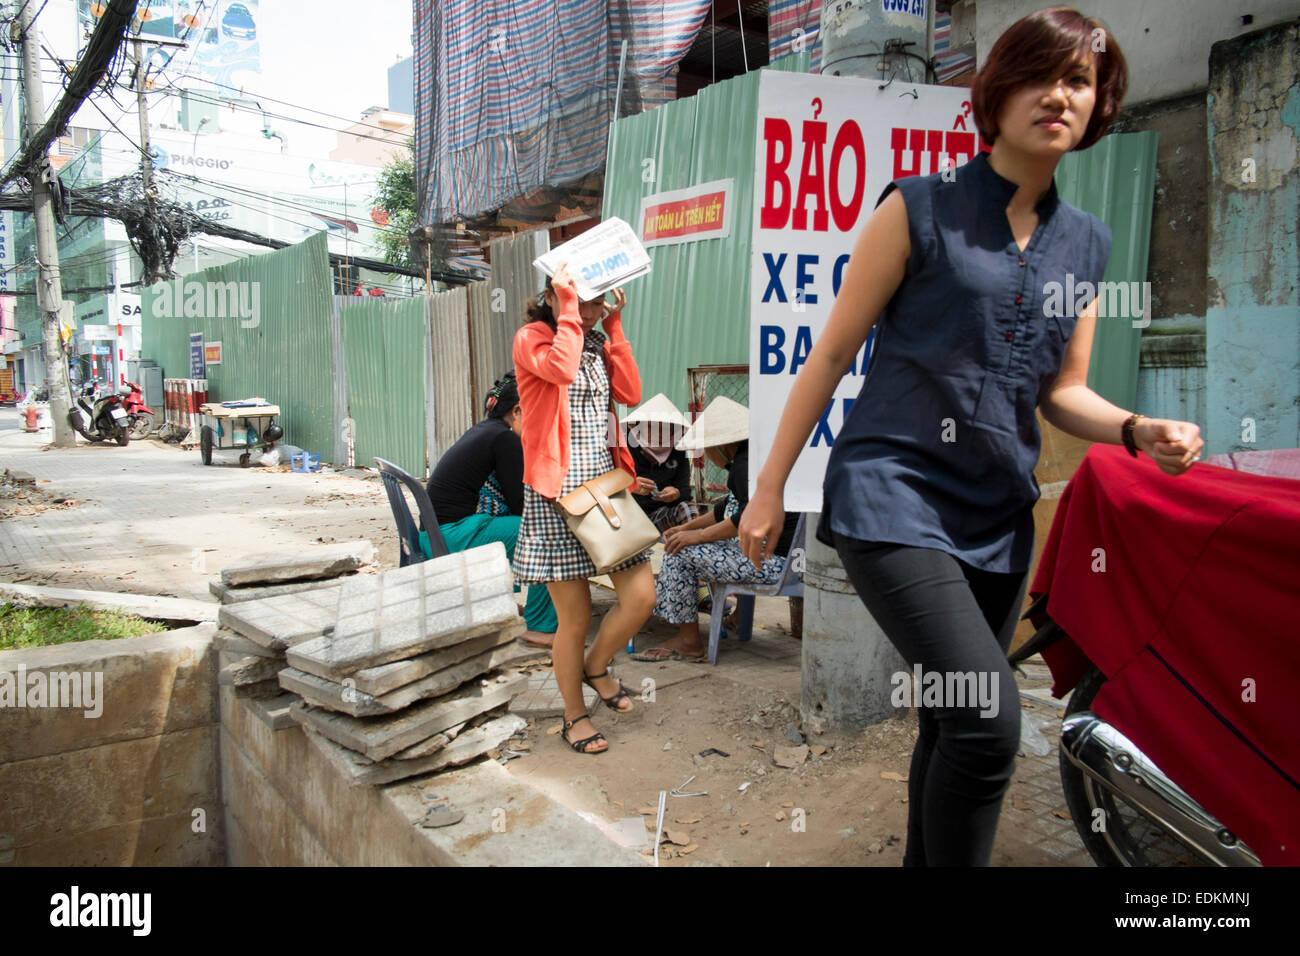 Street scene in Ho Chi Min City Vietnam - Stock Image